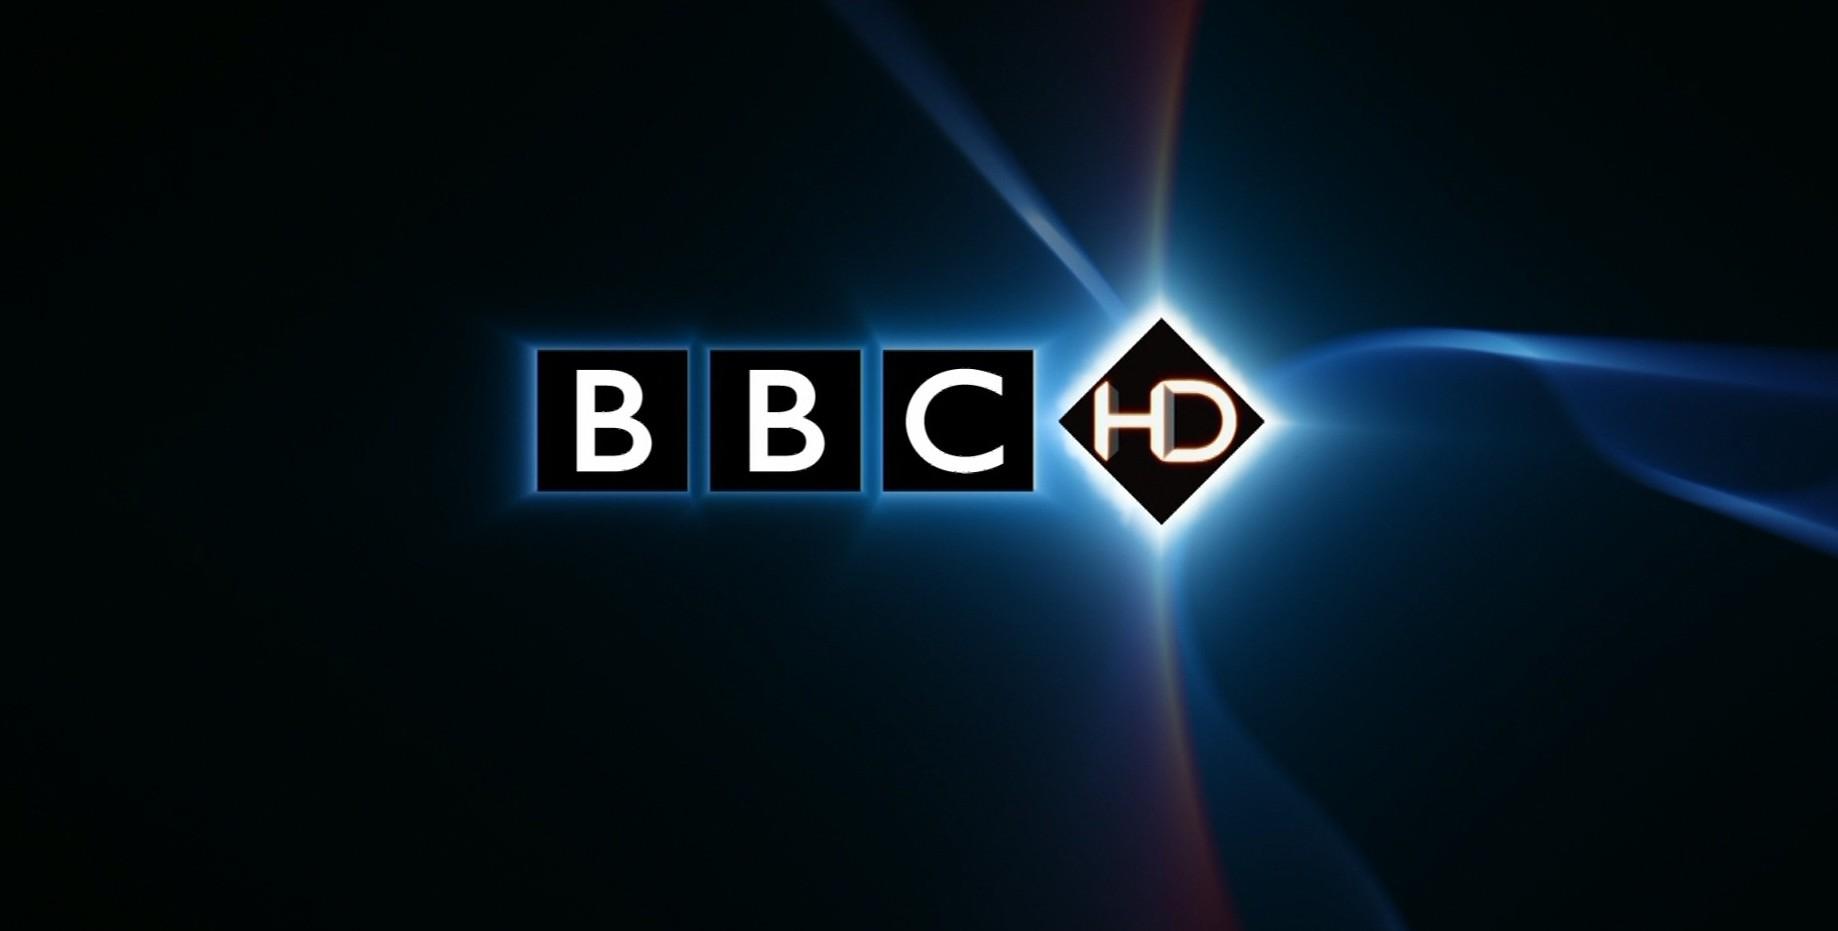 BBC logo 3D Wallpaper